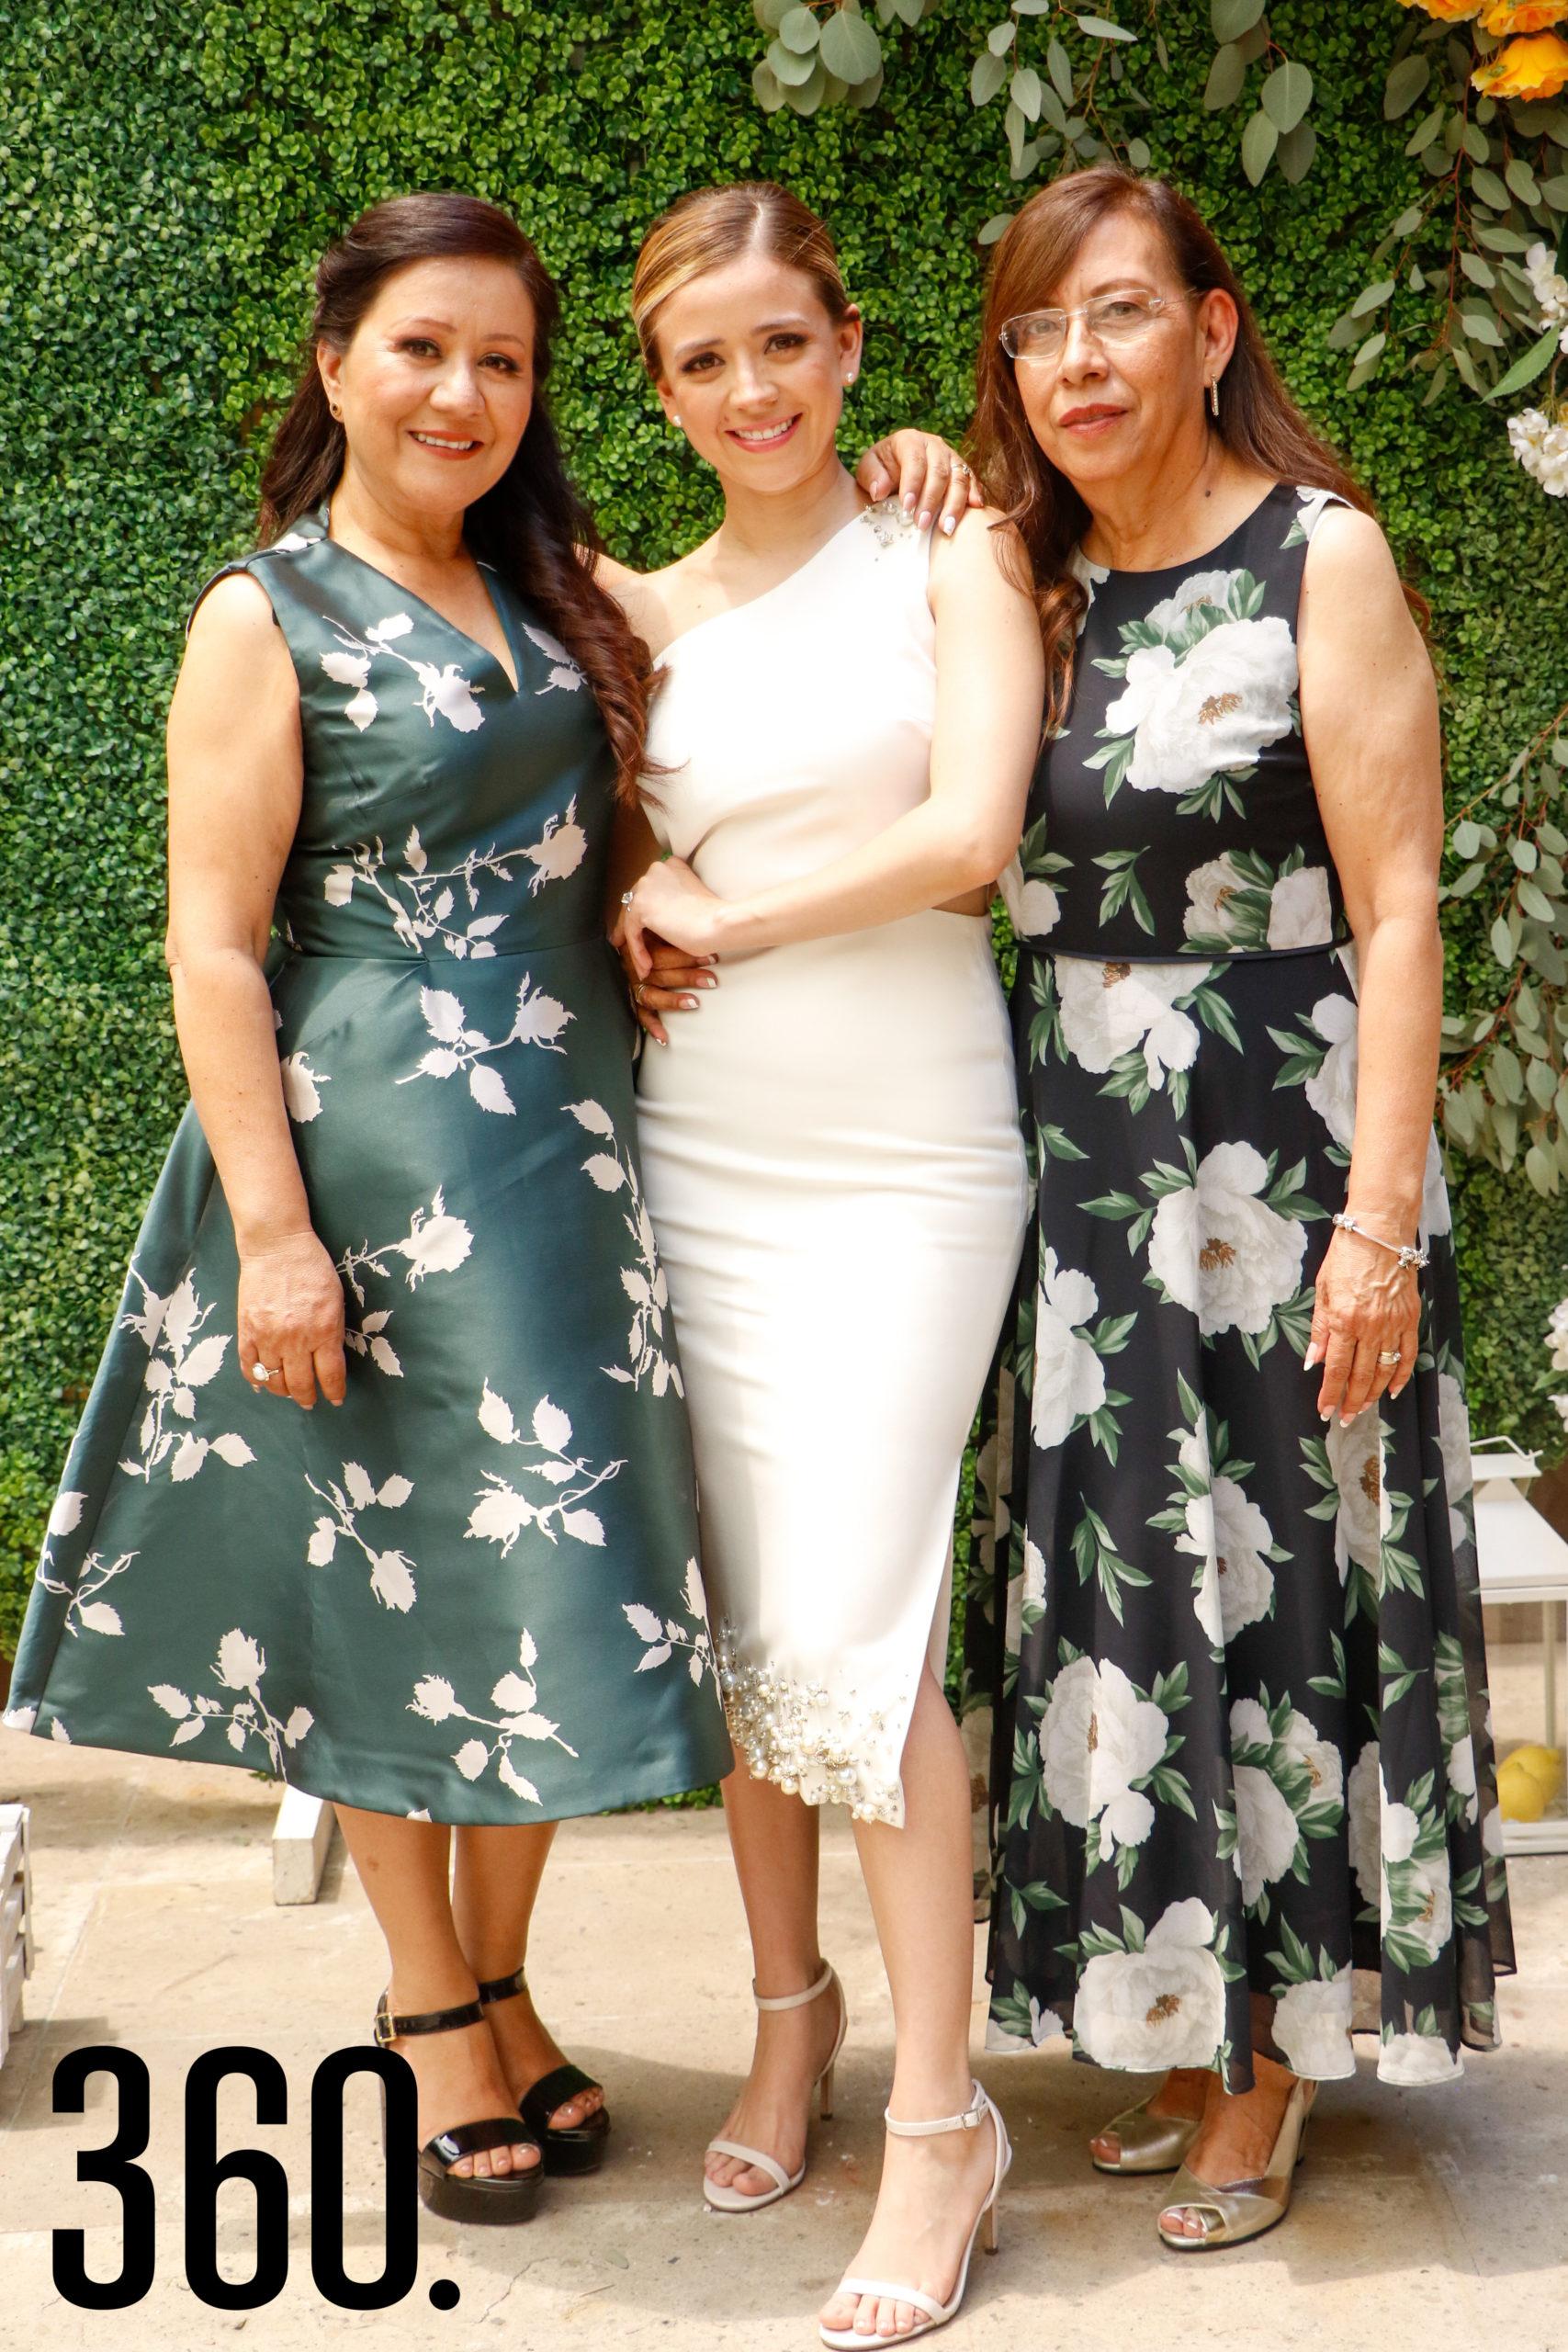 Michelle con su madre y suegra, María de la Luz Muñoz y Magdalena Gómez